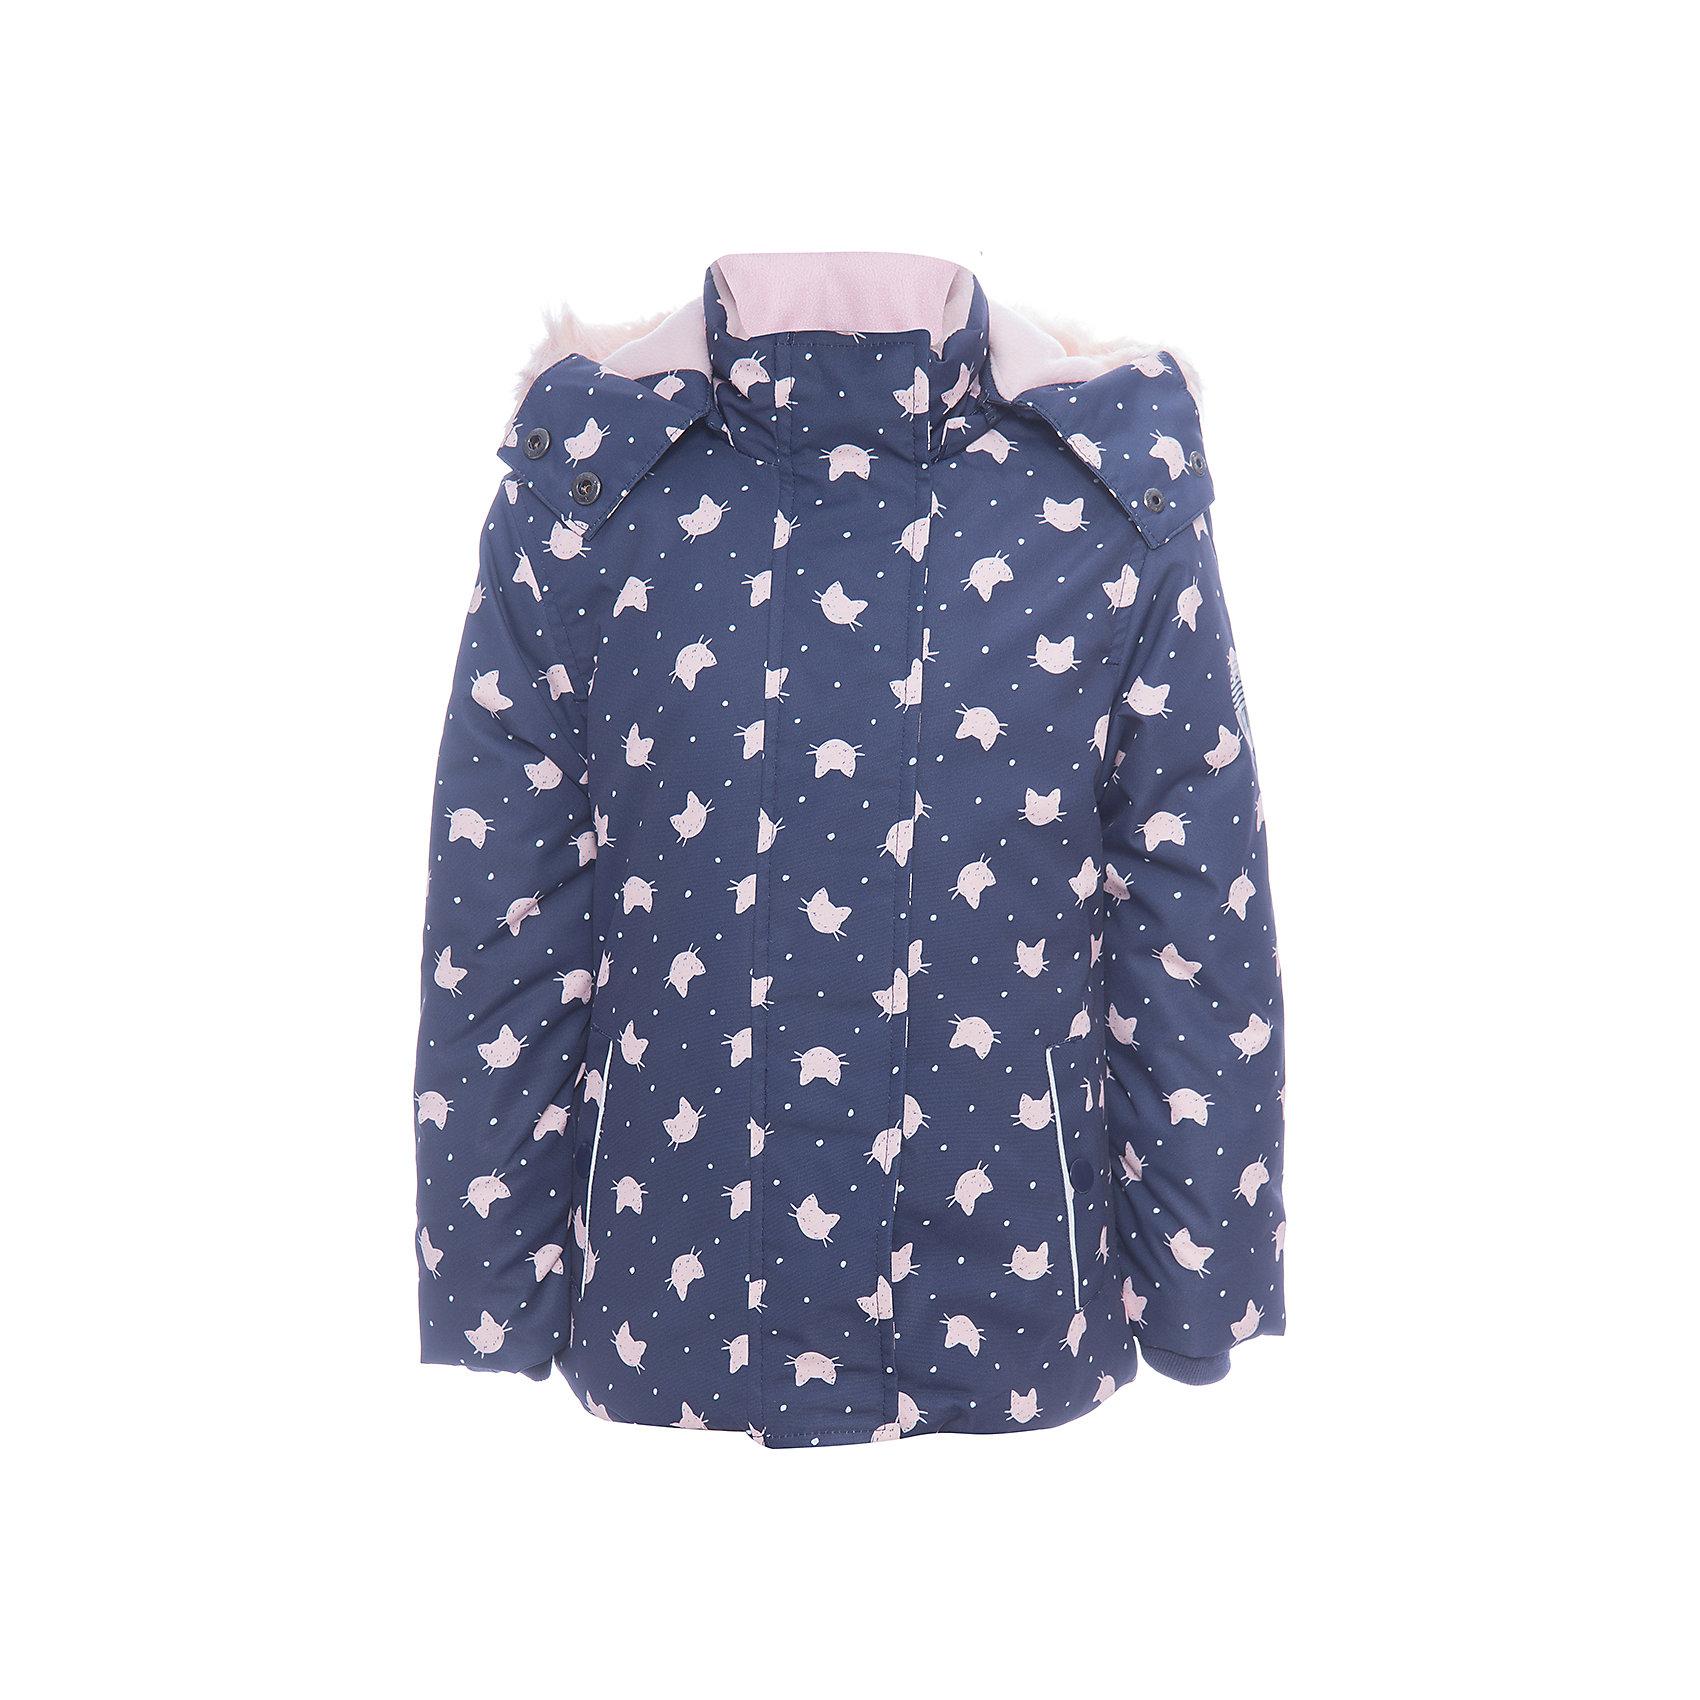 Куртка SELA для девочкиВерхняя одежда<br>Характеристики товара:<br><br>• цвет: синий<br>• ткань верха: 100% полиэстер<br>• подкладка: 100% полиэстер<br>• утеплитель: 100% полиэстер<br>• сезон: демисезон<br>• температурный режим: от +5 до 15<br>• капюшон: с мехом, съемный<br>• застежка: молния<br>• страна бренда: Россия<br>• страна производства: Китай<br><br>Синяя детская куртка подойдет для прохладной погоды. Отличный способ обеспечить ребенку тепло и комфорт - надеть теплую куртку для девочки от Sela. Детская куртка сшита из качественного материала. Куртка для девочки Sela дополнена удобным капюшоном. <br><br>Куртку для девочки Sela (Села) можно купить в нашем интернет- магазине.<br><br>Ширина мм: 356<br>Глубина мм: 10<br>Высота мм: 245<br>Вес г: 519<br>Цвет: синий<br>Возраст от месяцев: 60<br>Возраст до месяцев: 72<br>Пол: Женский<br>Возраст: Детский<br>Размер: 98,104,110,116<br>SKU: 7136673